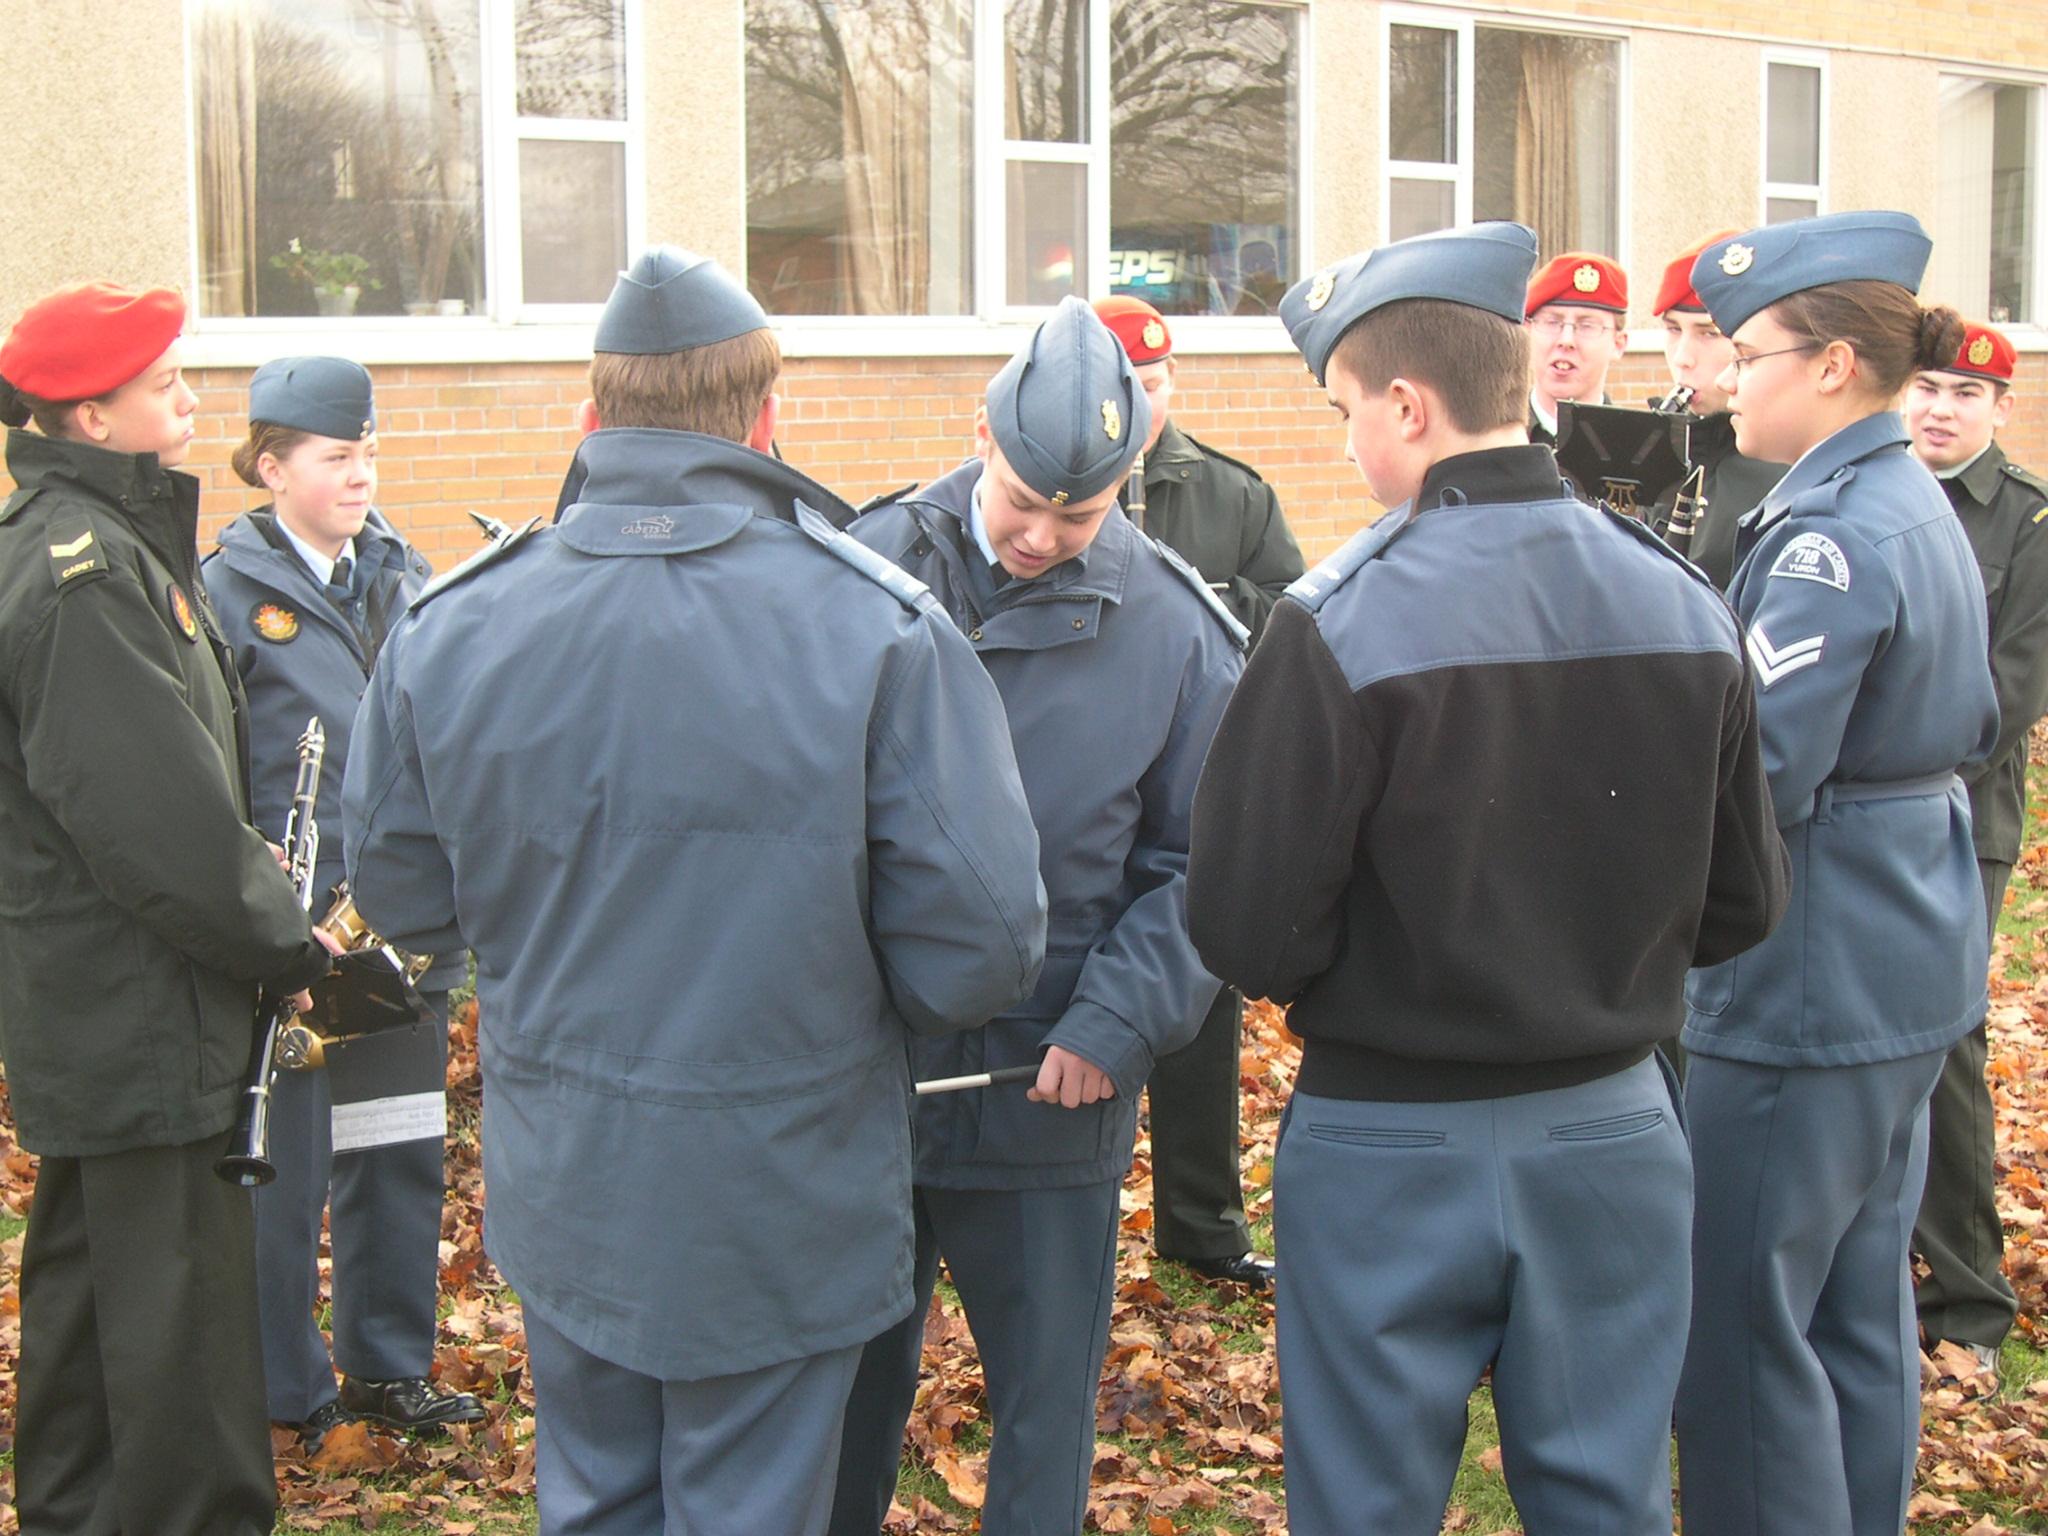 04-11-21 Cobourg Santa Claus Parade, Photo 01